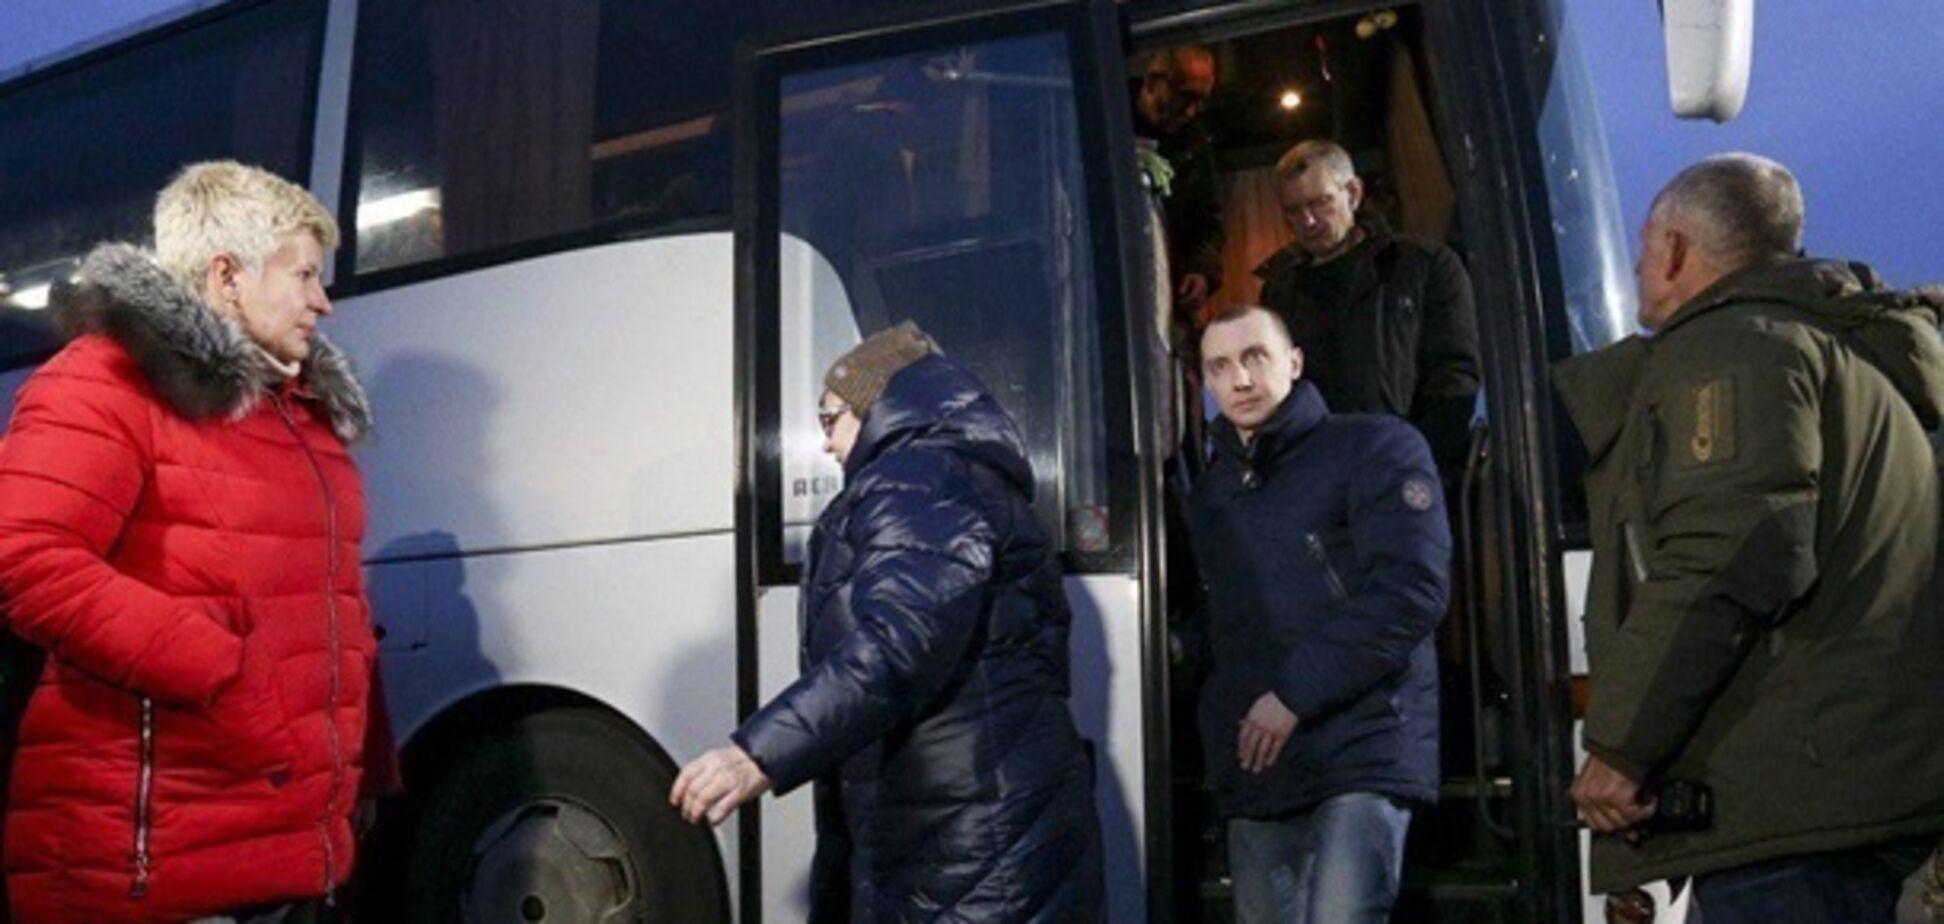 Обмен пленными с 'Л/ДНР' состоится 16 апреля? В ТКГ дали ответ